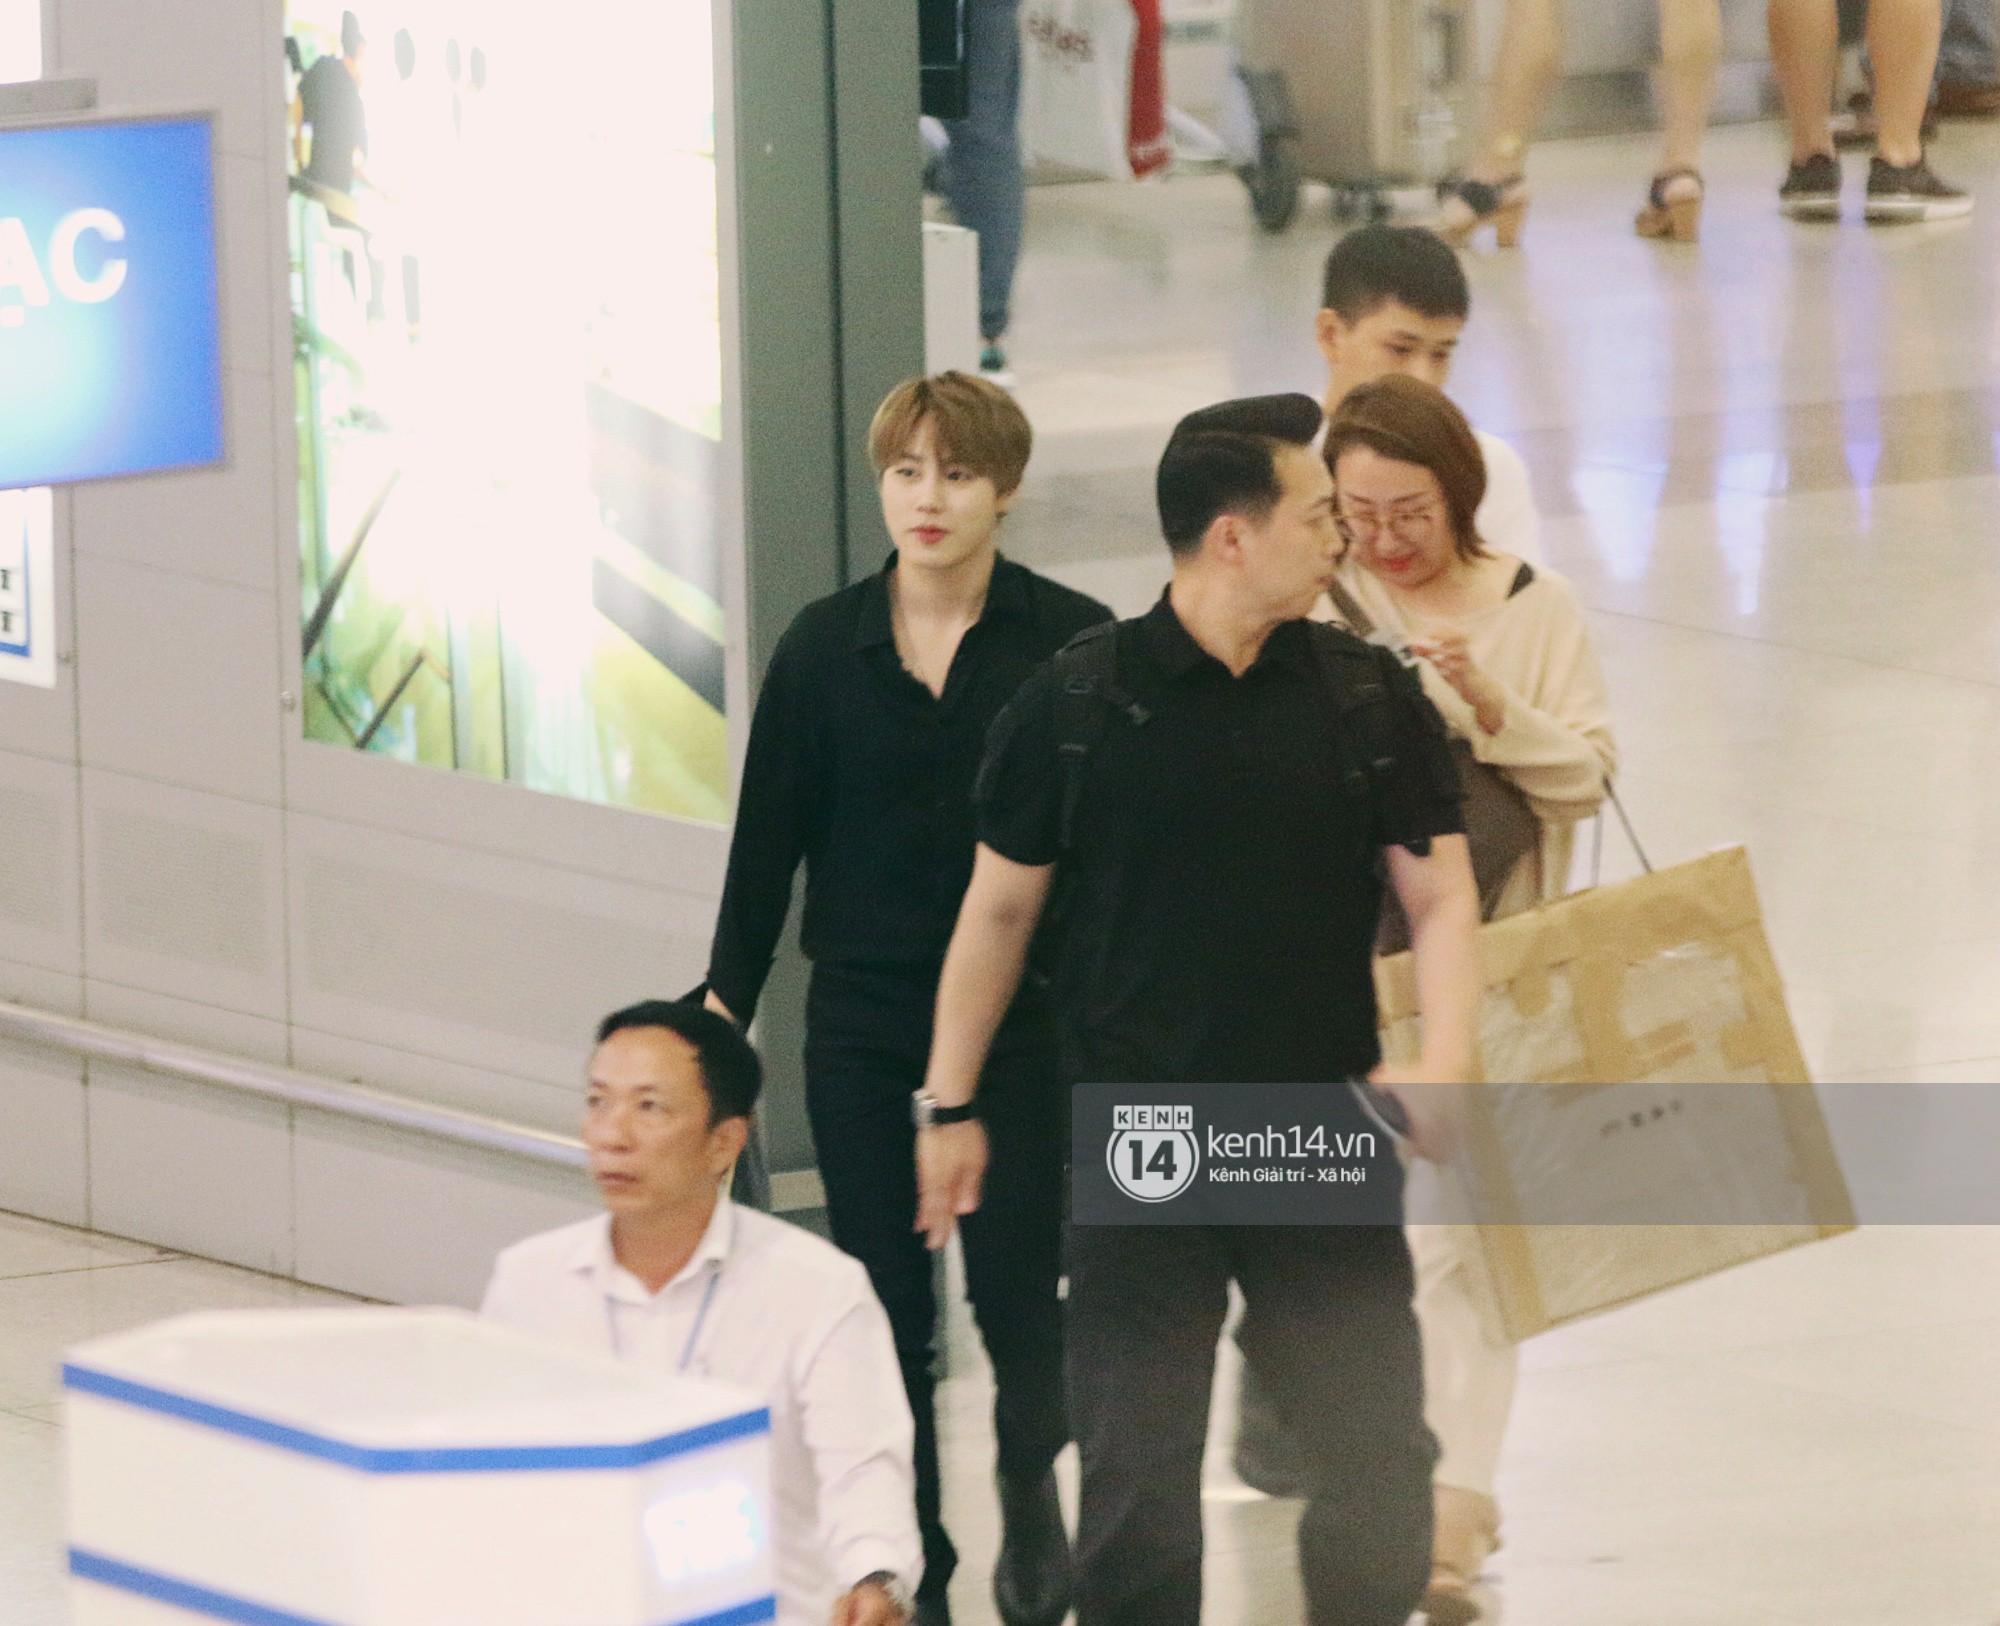 Dàn idol Kpop khiến sân bay Tân Sơn Nhất nổ tung giữa đêm: Mỹ nam Wanna One trắng bật tông, KARD há hốc vì biển fan - Ảnh 1.